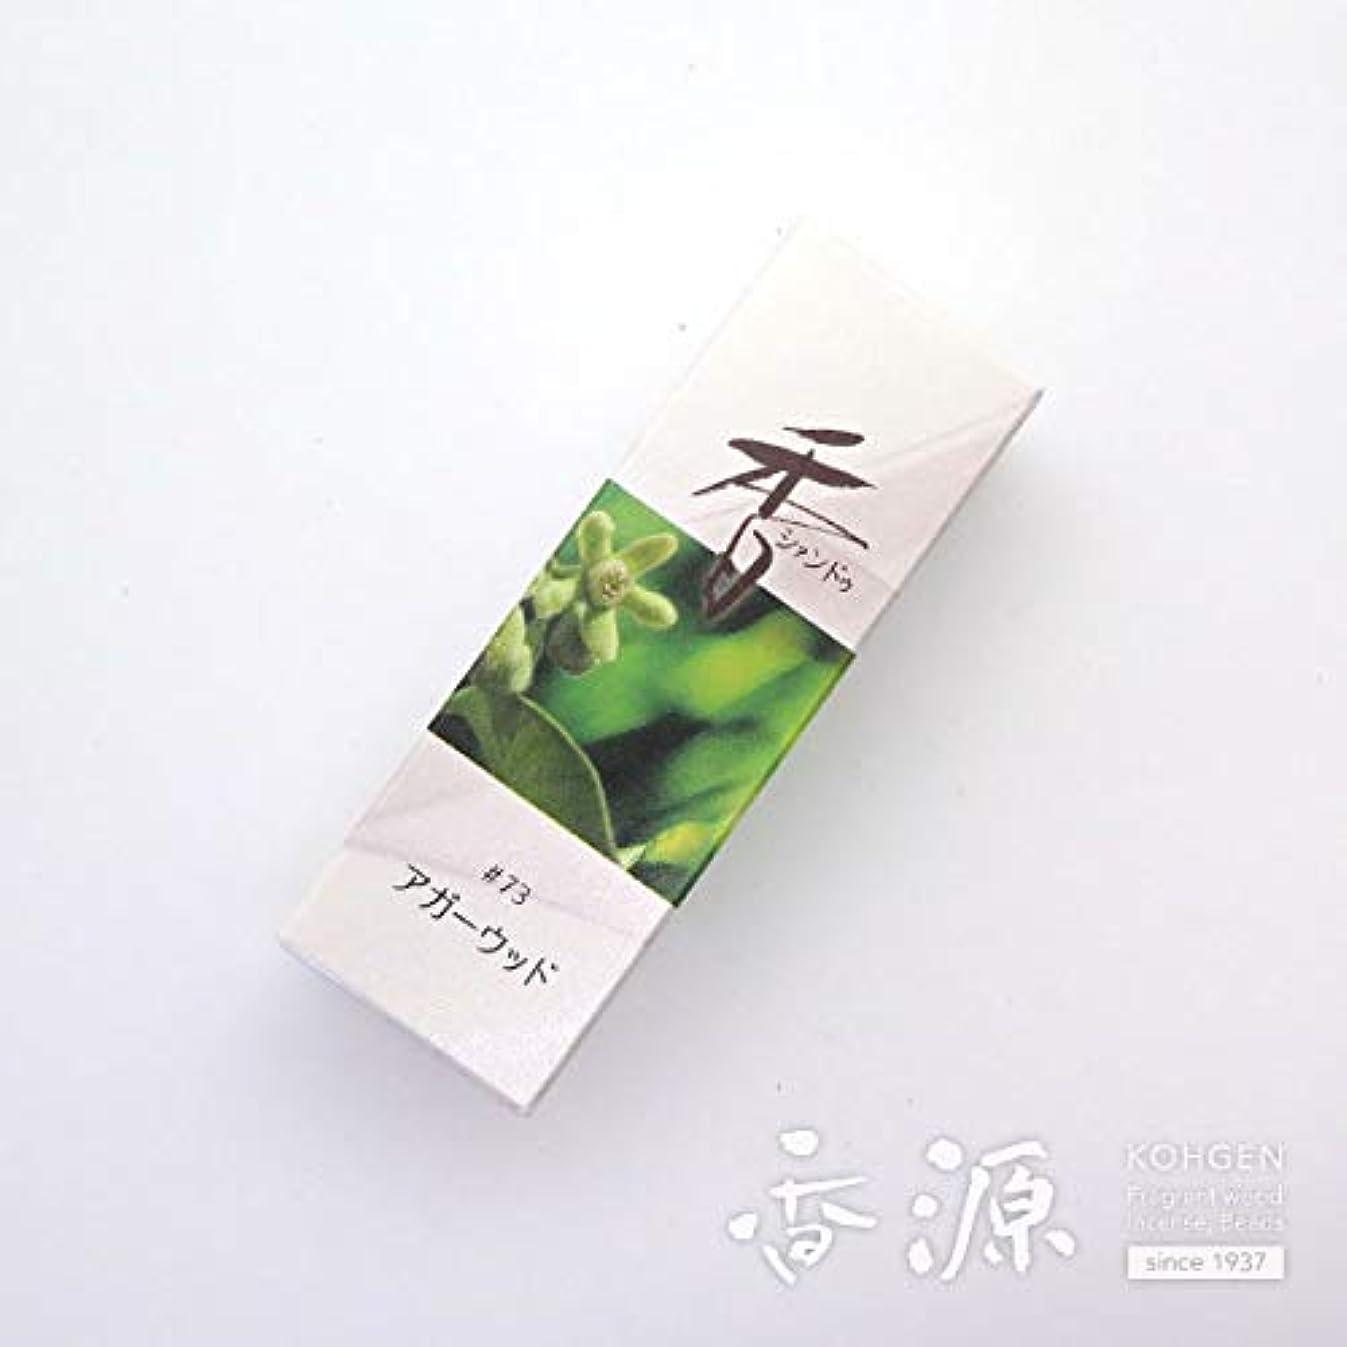 ホイッスル世紀ペストリー松栄堂のお香 Xiang Do(シャンドゥ) アガーウッド ST20本入 簡易香立付 #214273